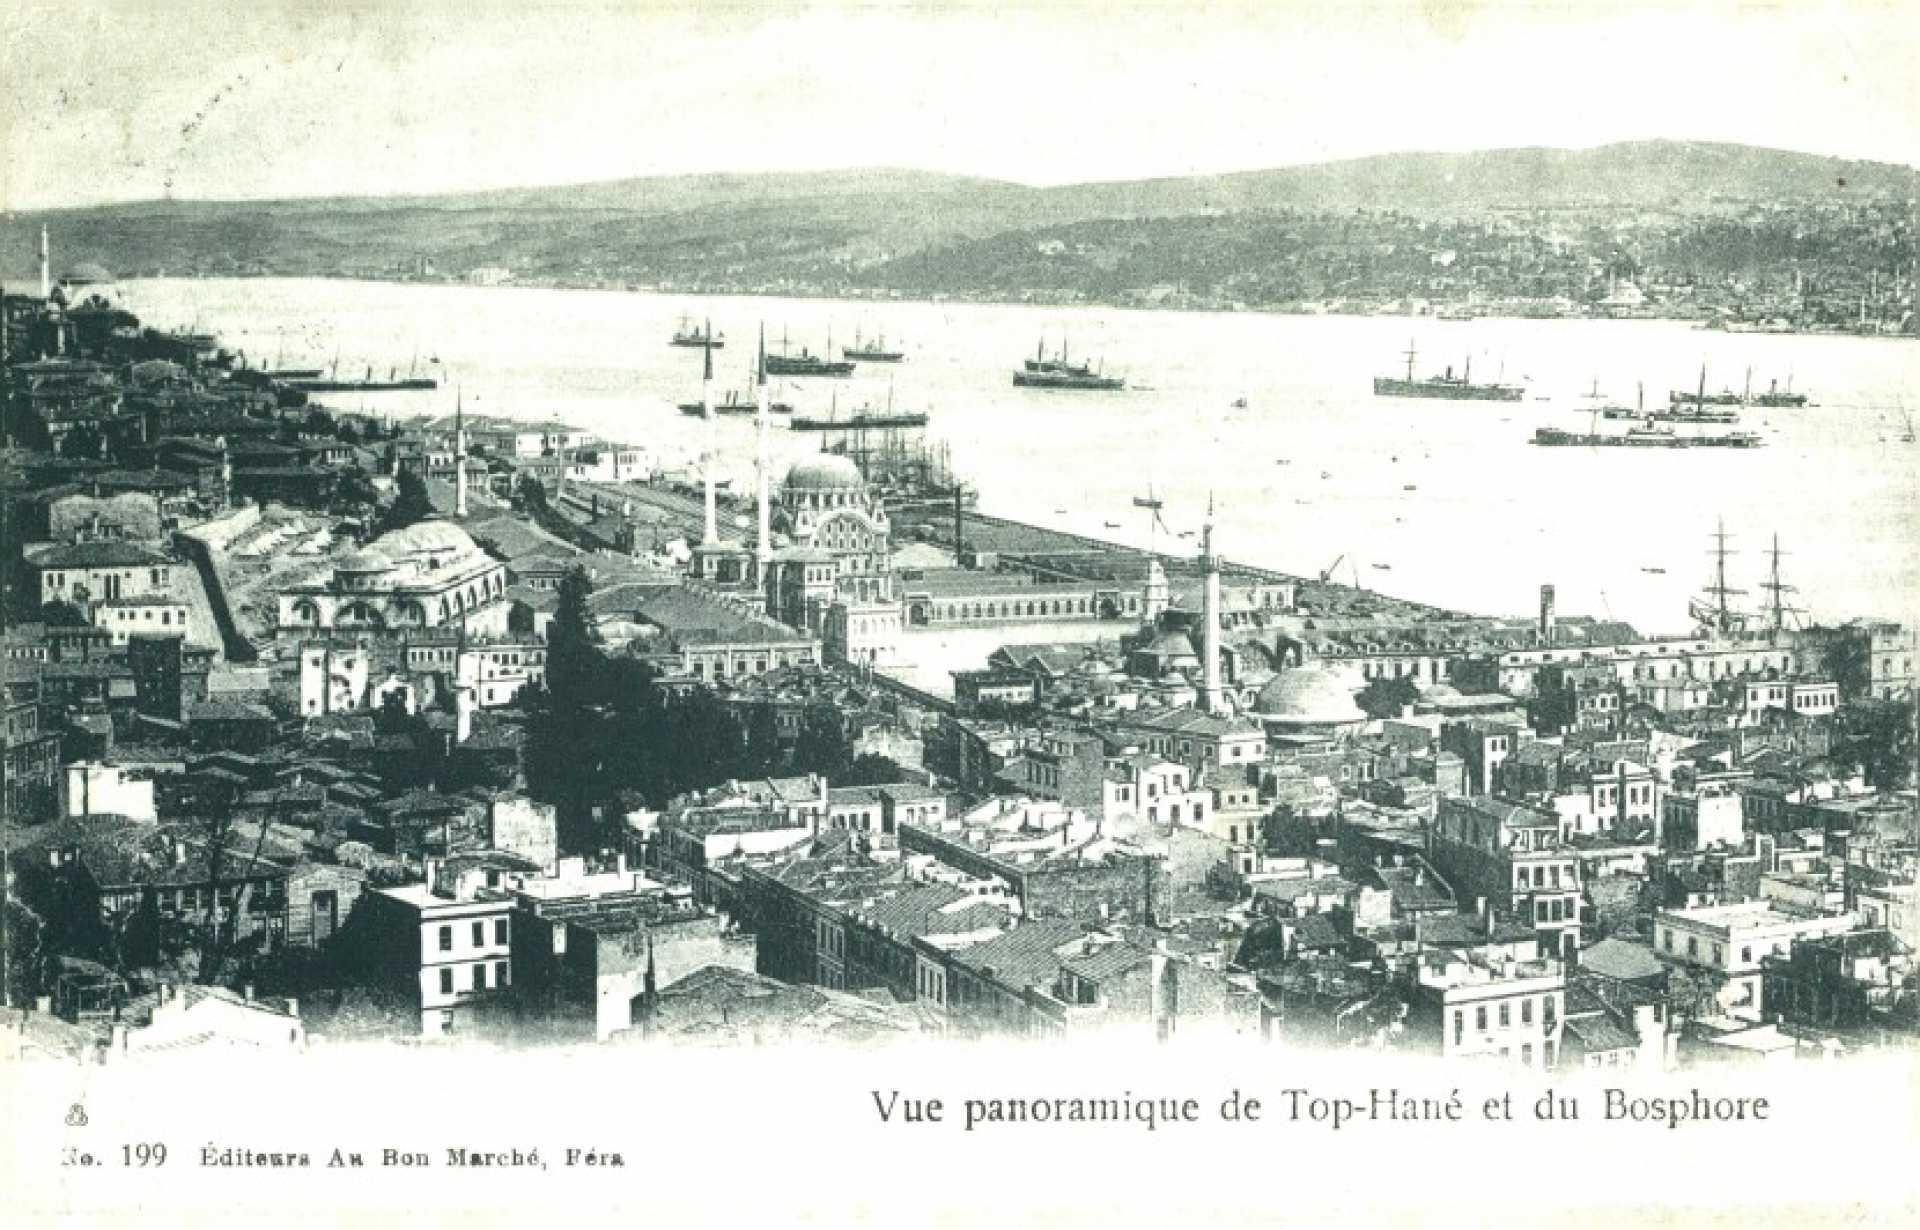 Vue panoramique de Top-hane et du Bosphore